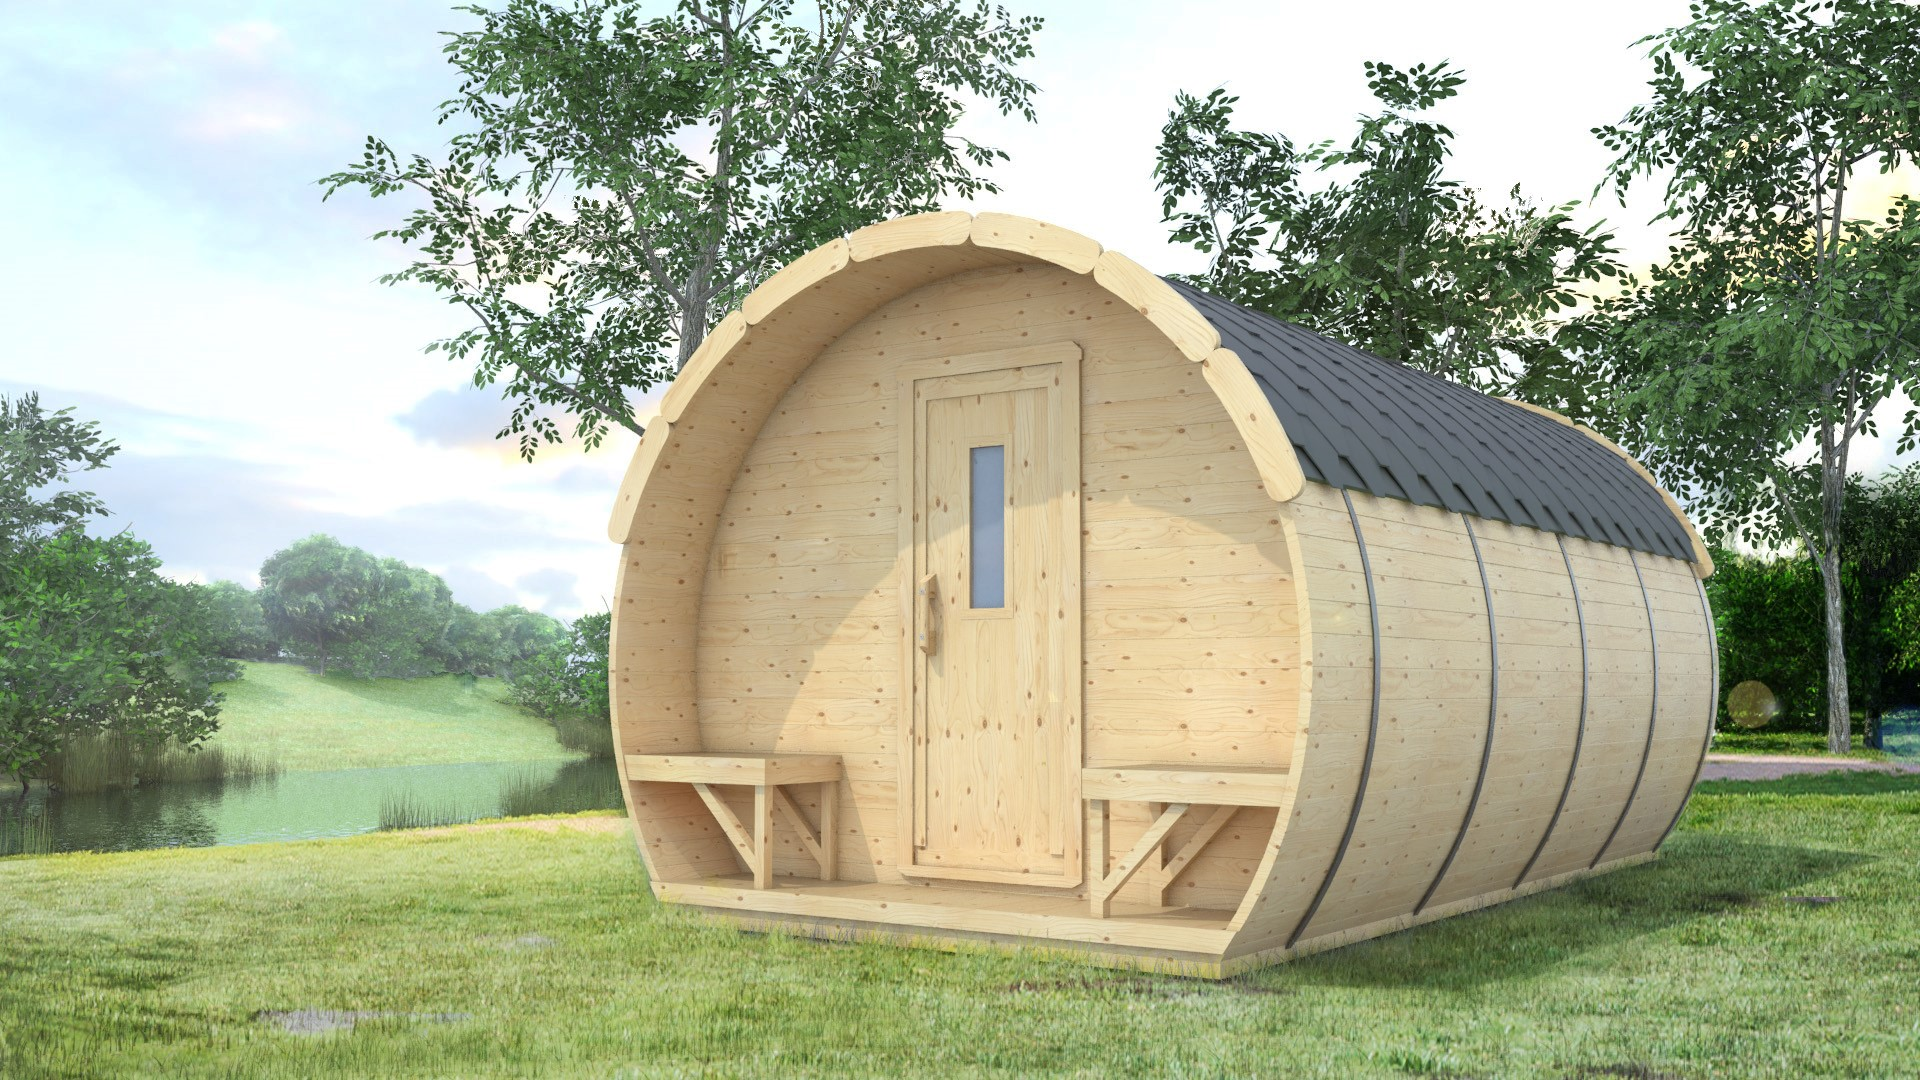 casetta in legno perfetta per campeggi